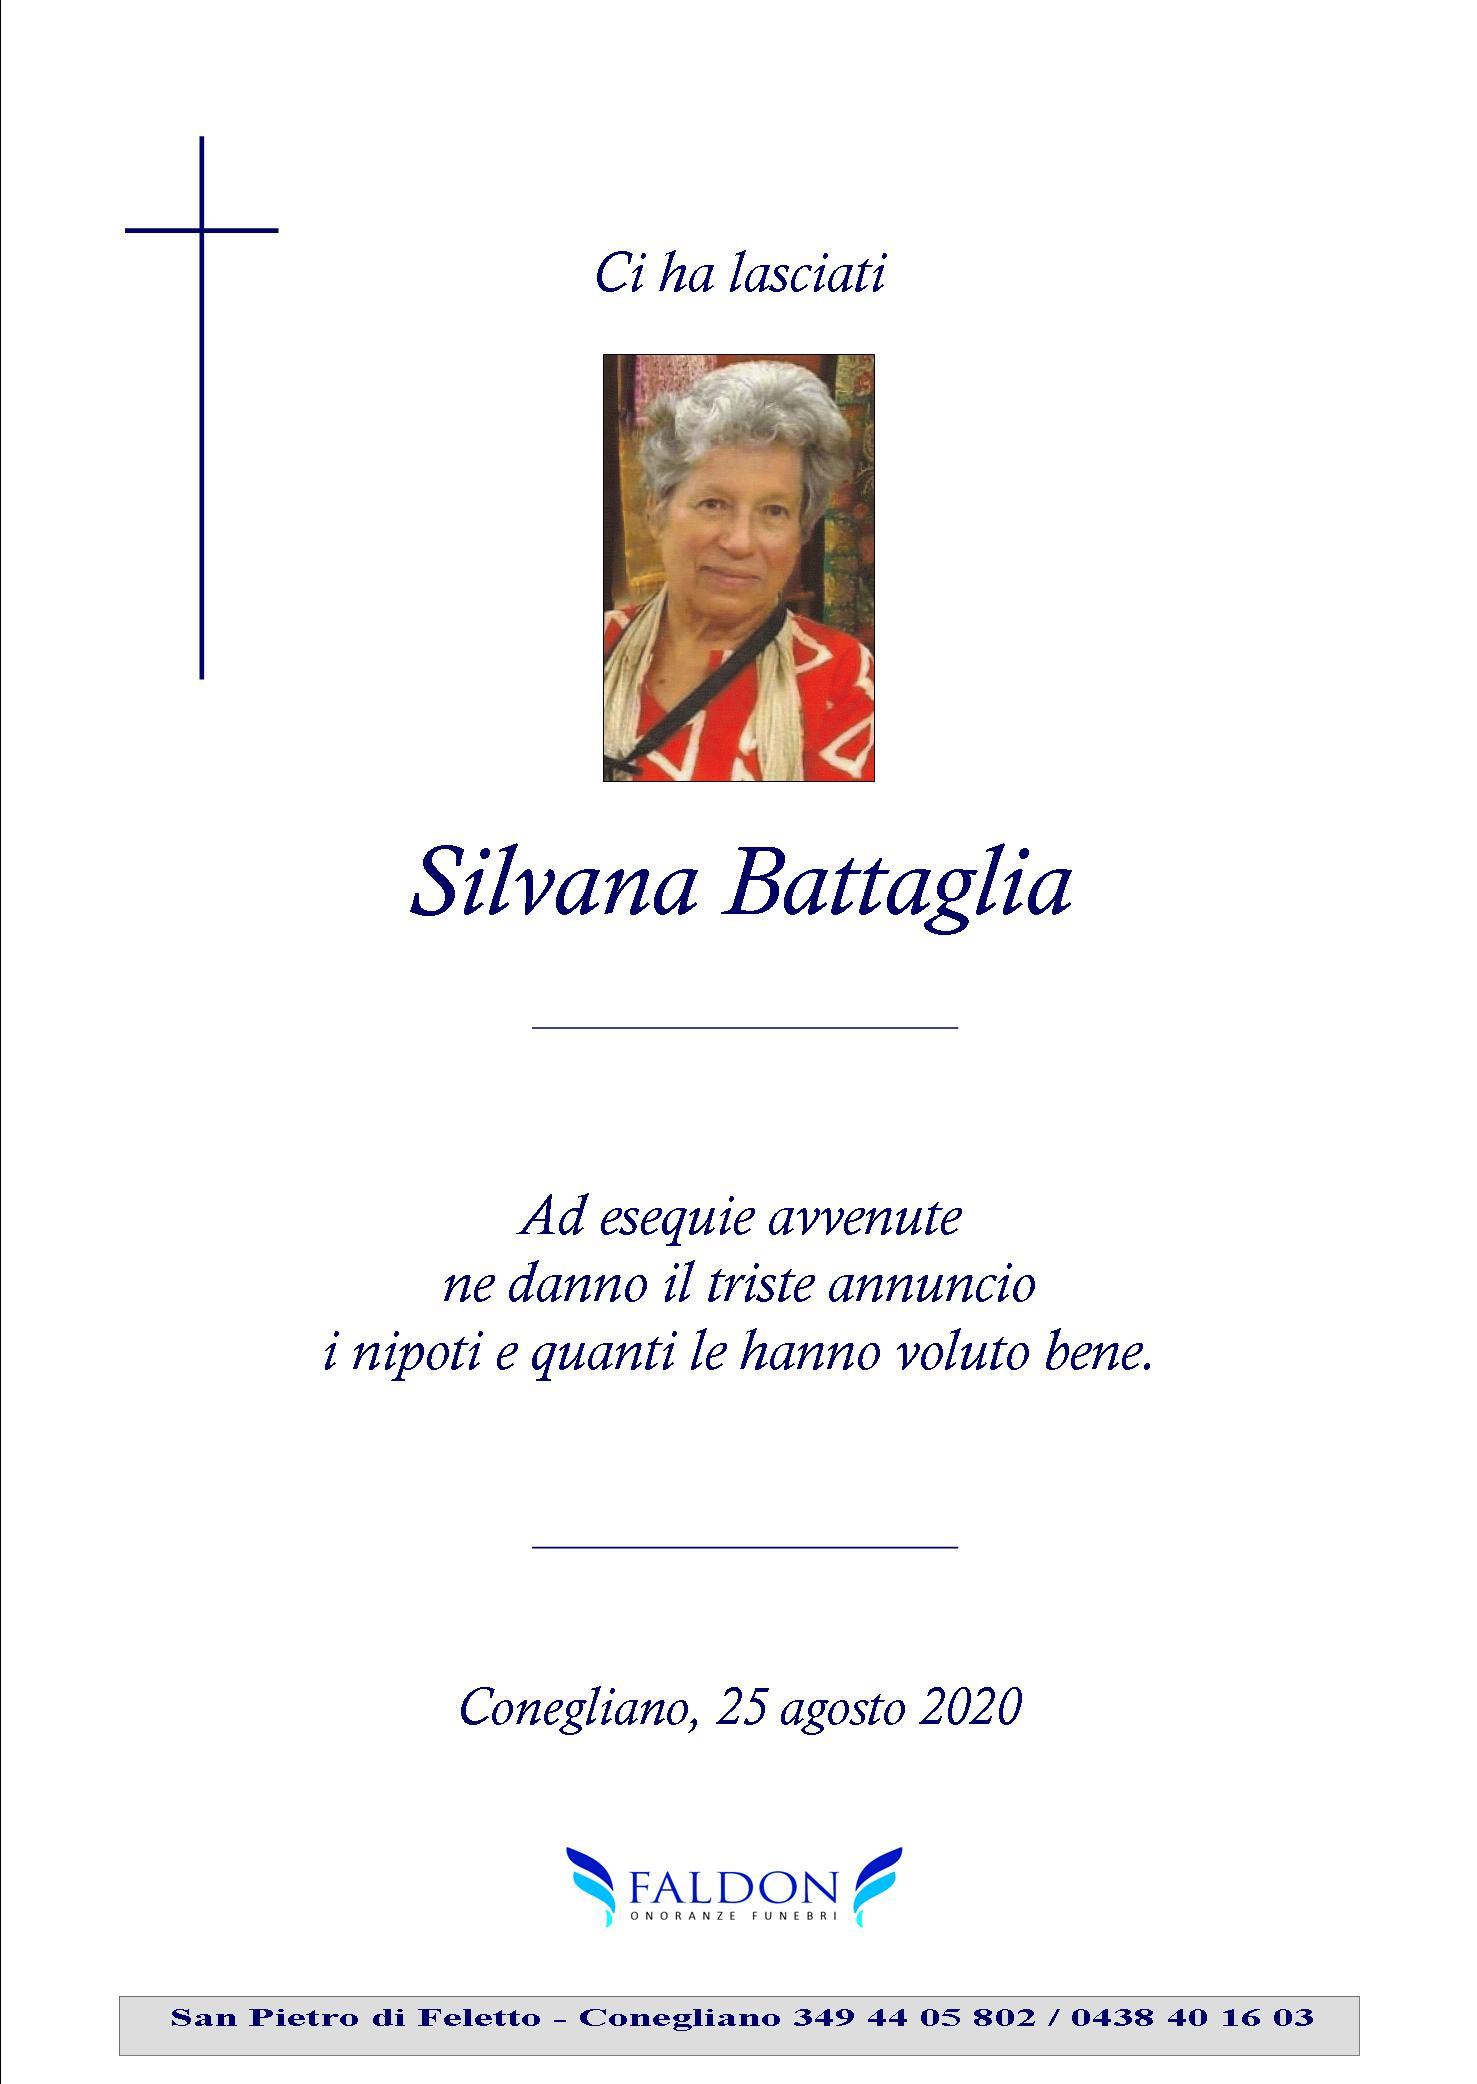 Silvana Battaglia